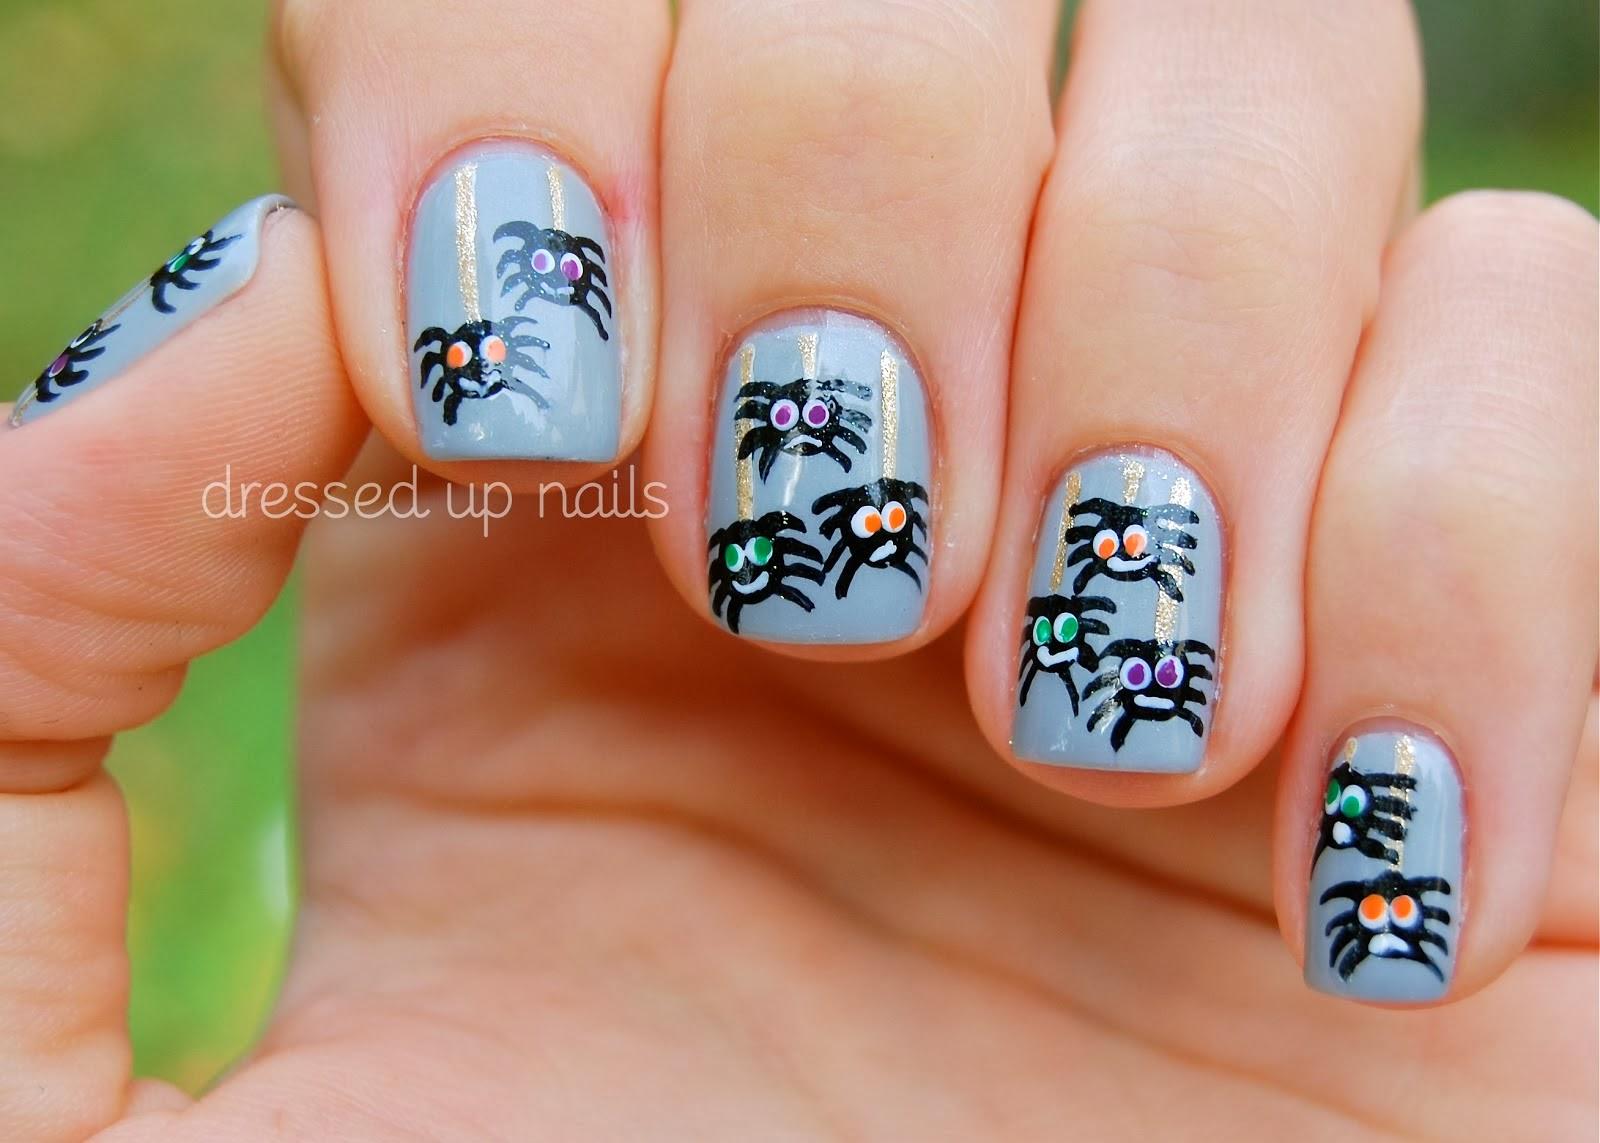 Superb Cute Halloween Nail Art | Nail Art Ideas 101